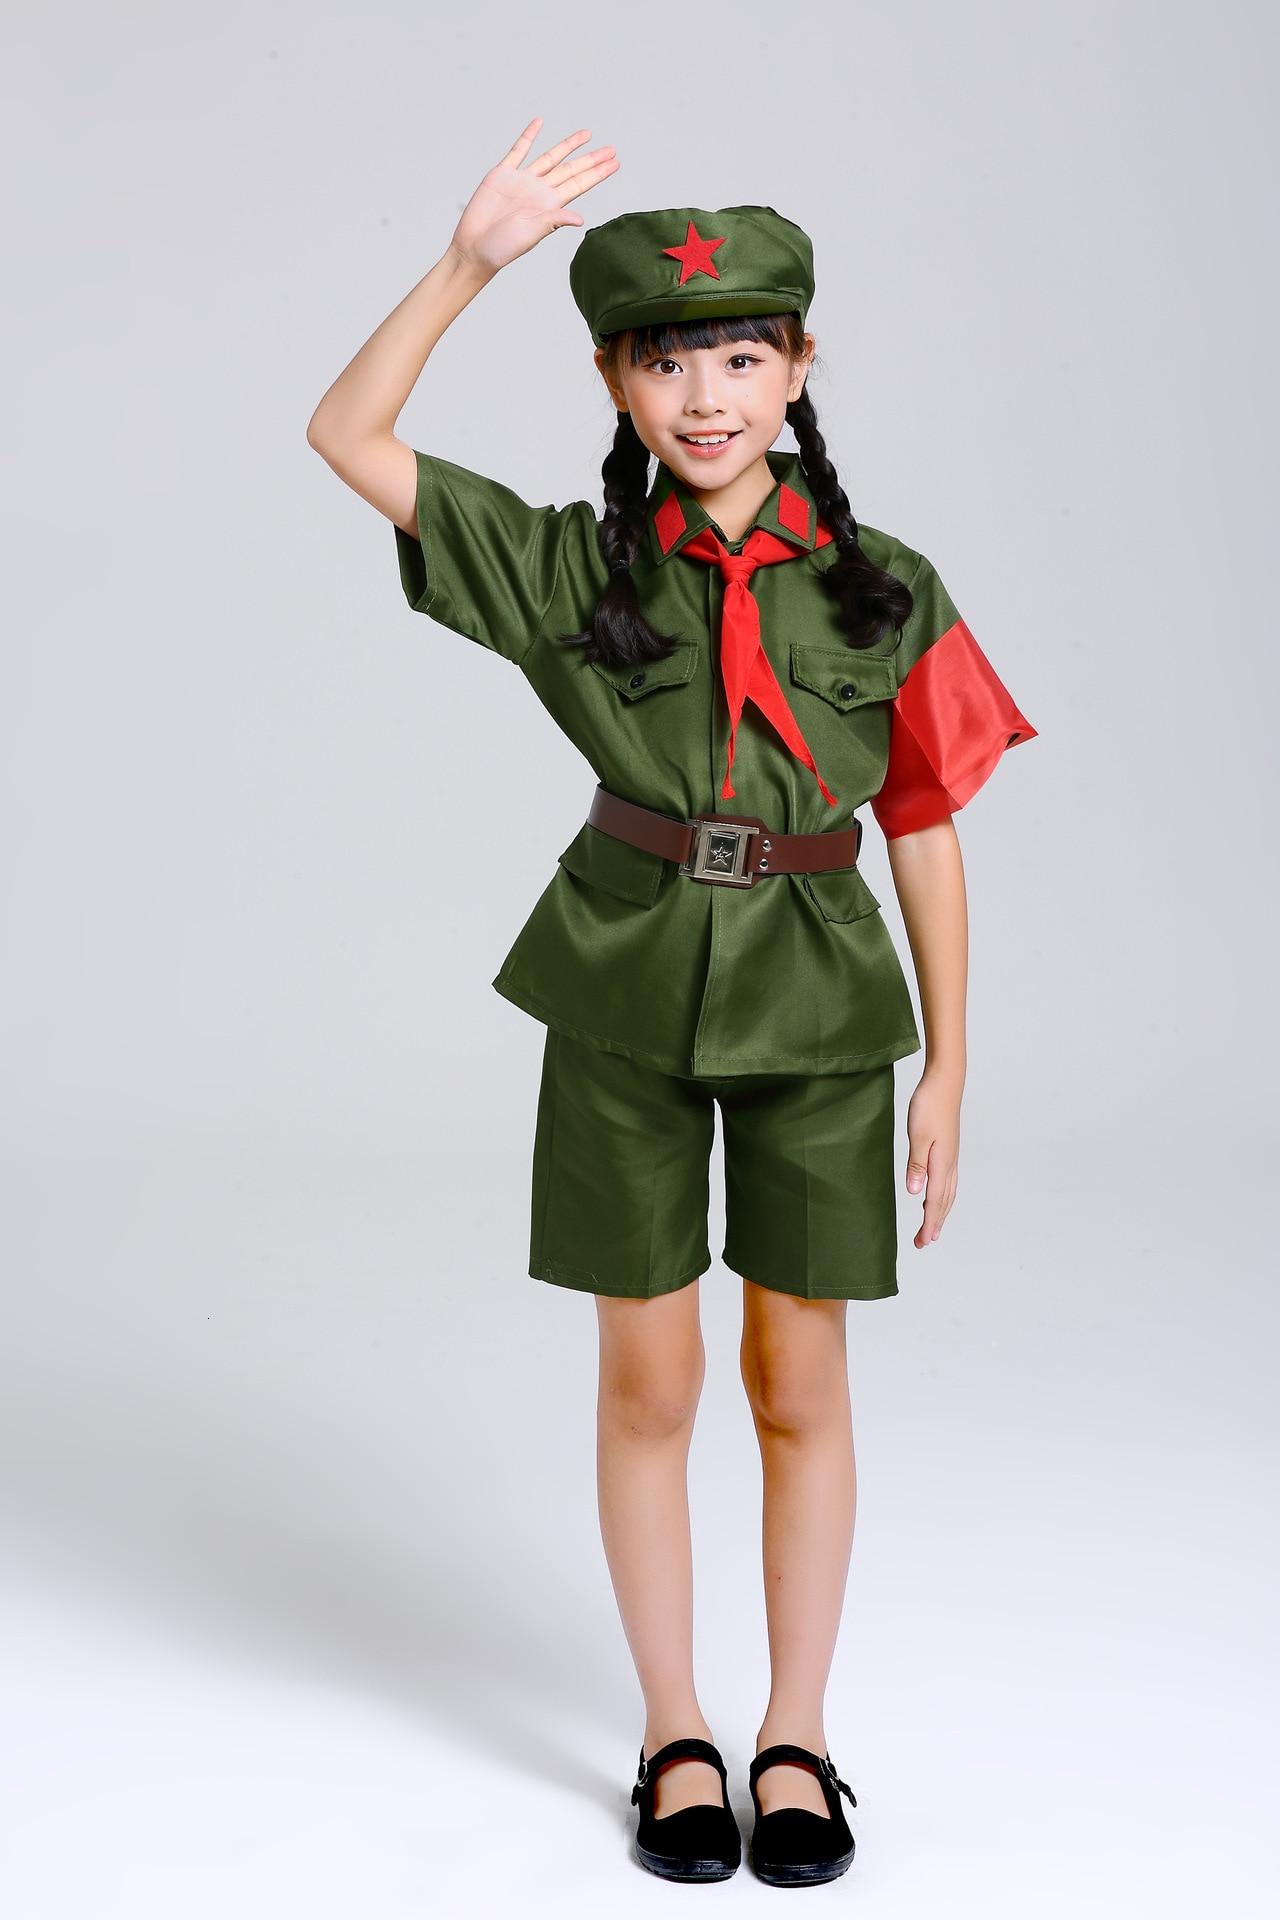 Детские тактические военные куртки, штаны, военная форма для девочек и мальчиков, охотничьи армейские танцевальные костюмы для женщин, Tatico, детская одежда для косплея, комплект - Цвет: 5